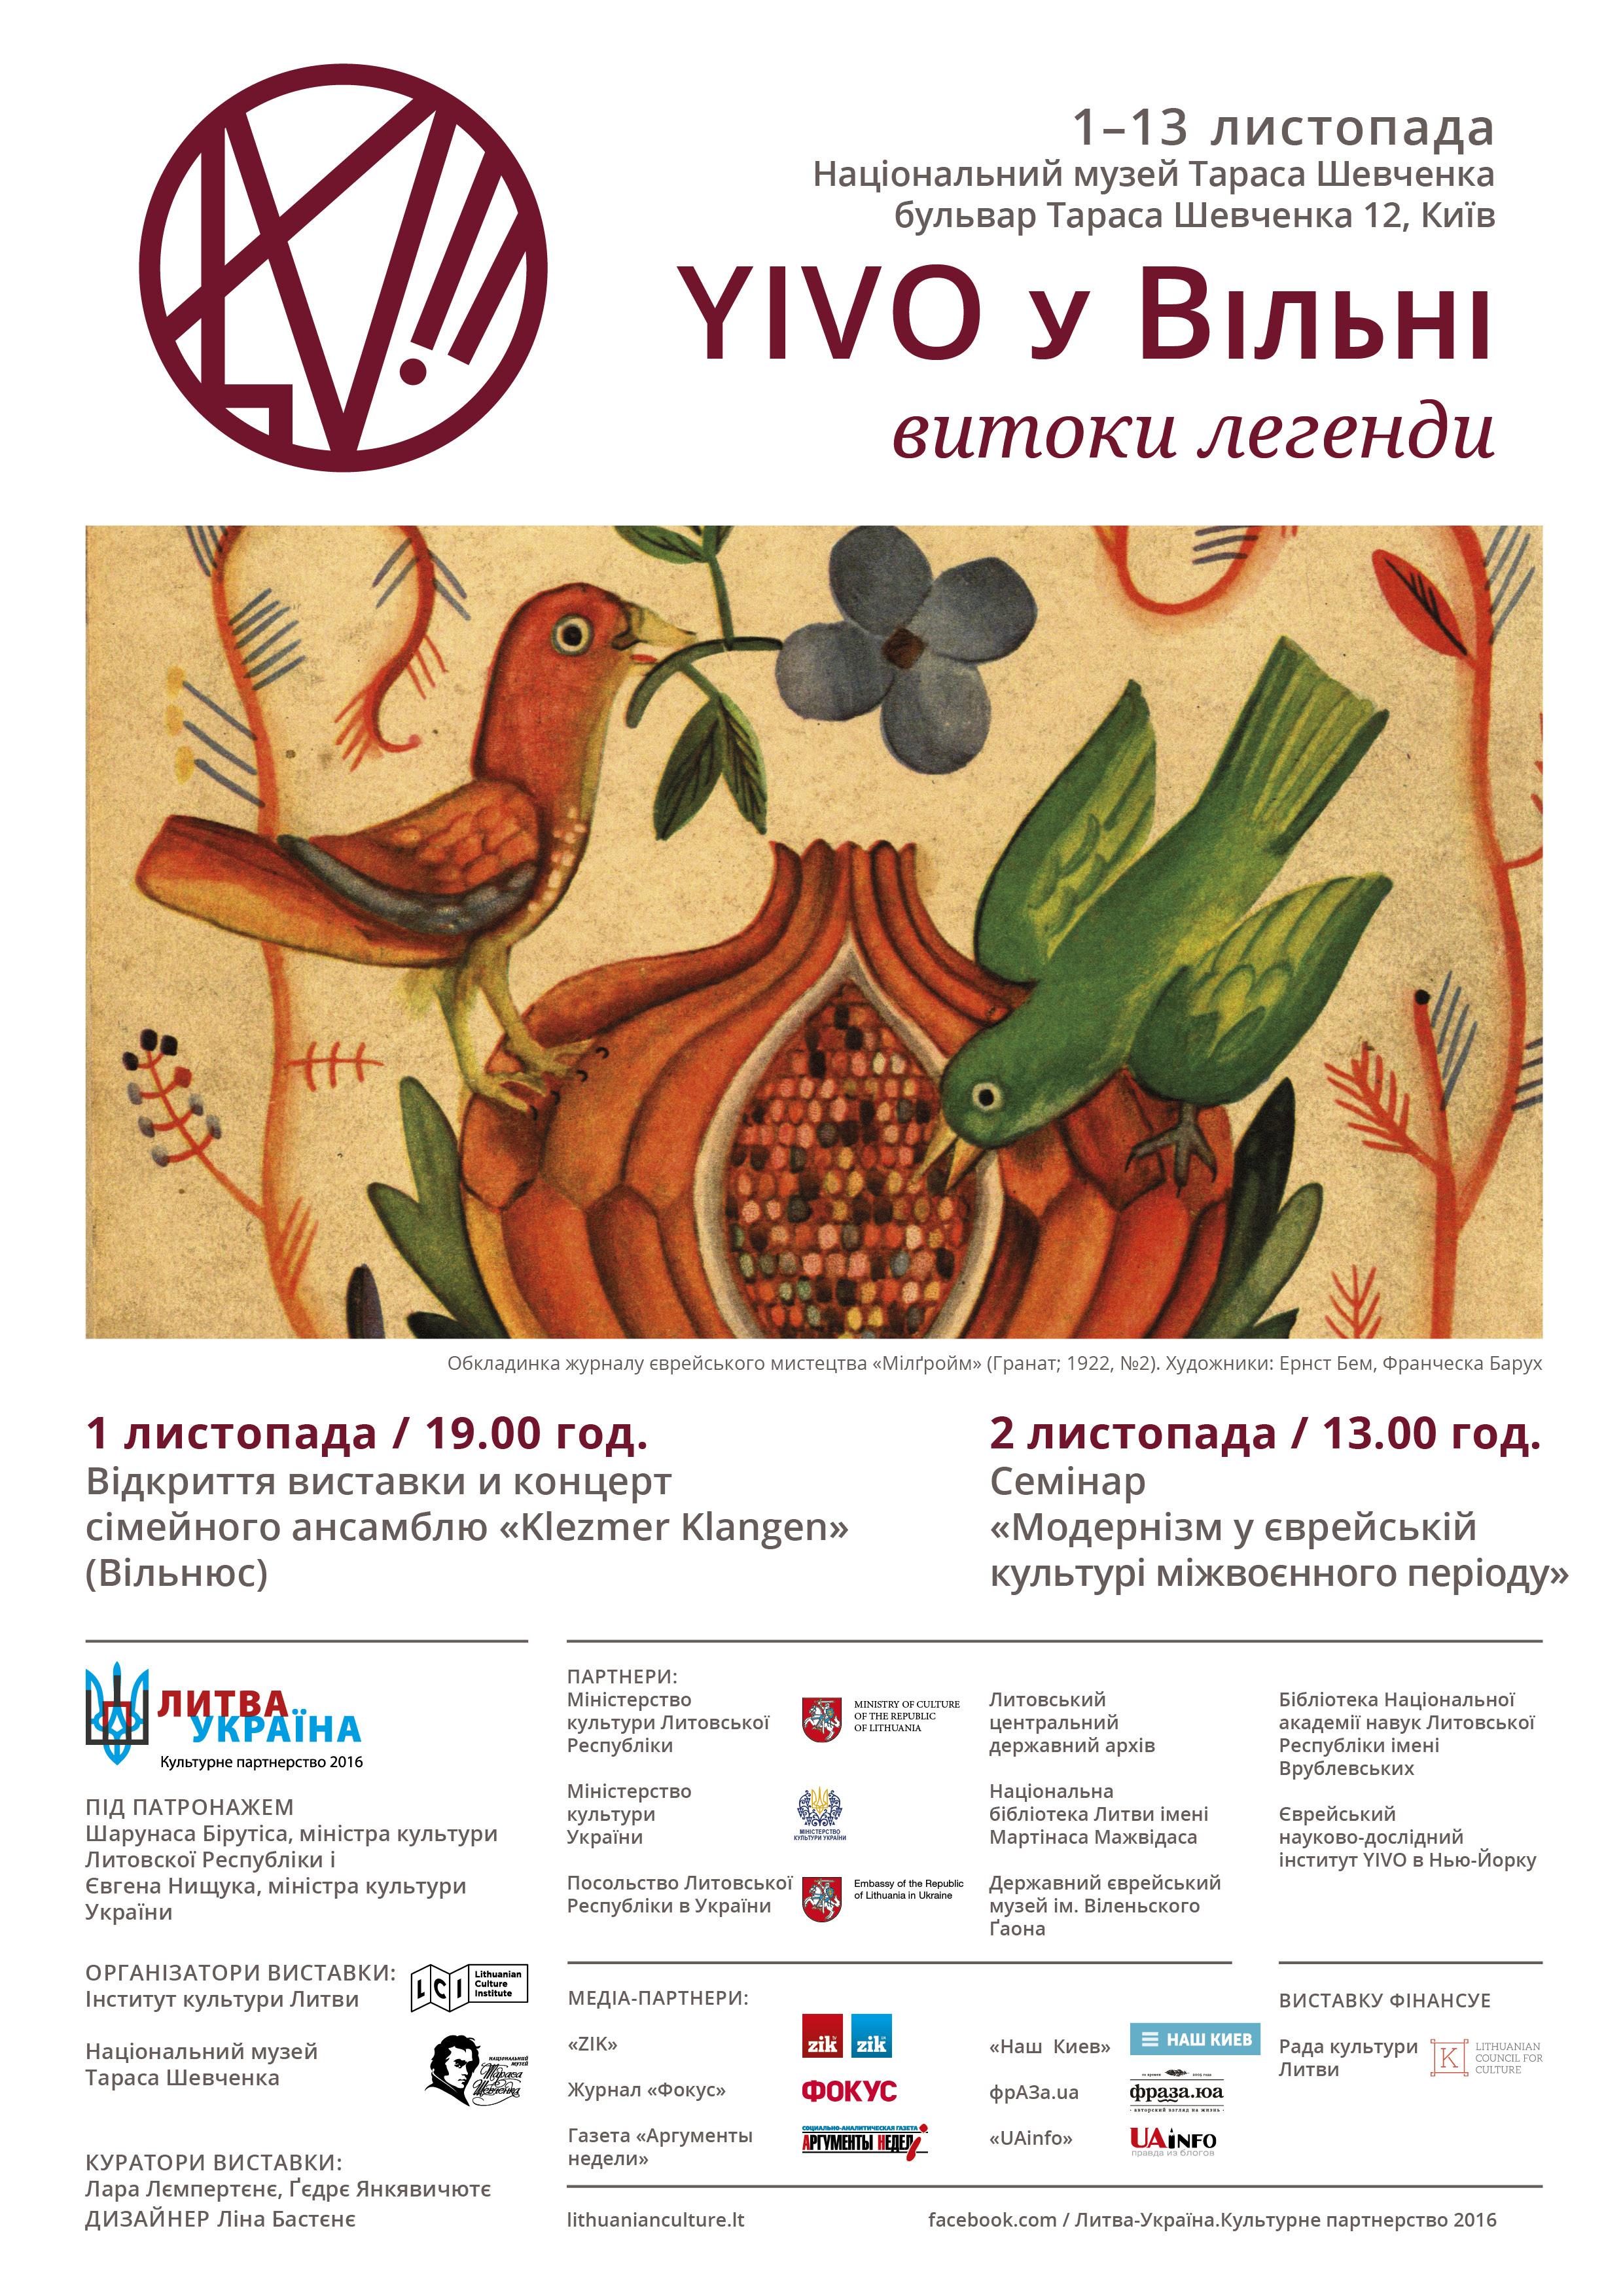 yivo-invitation-ua